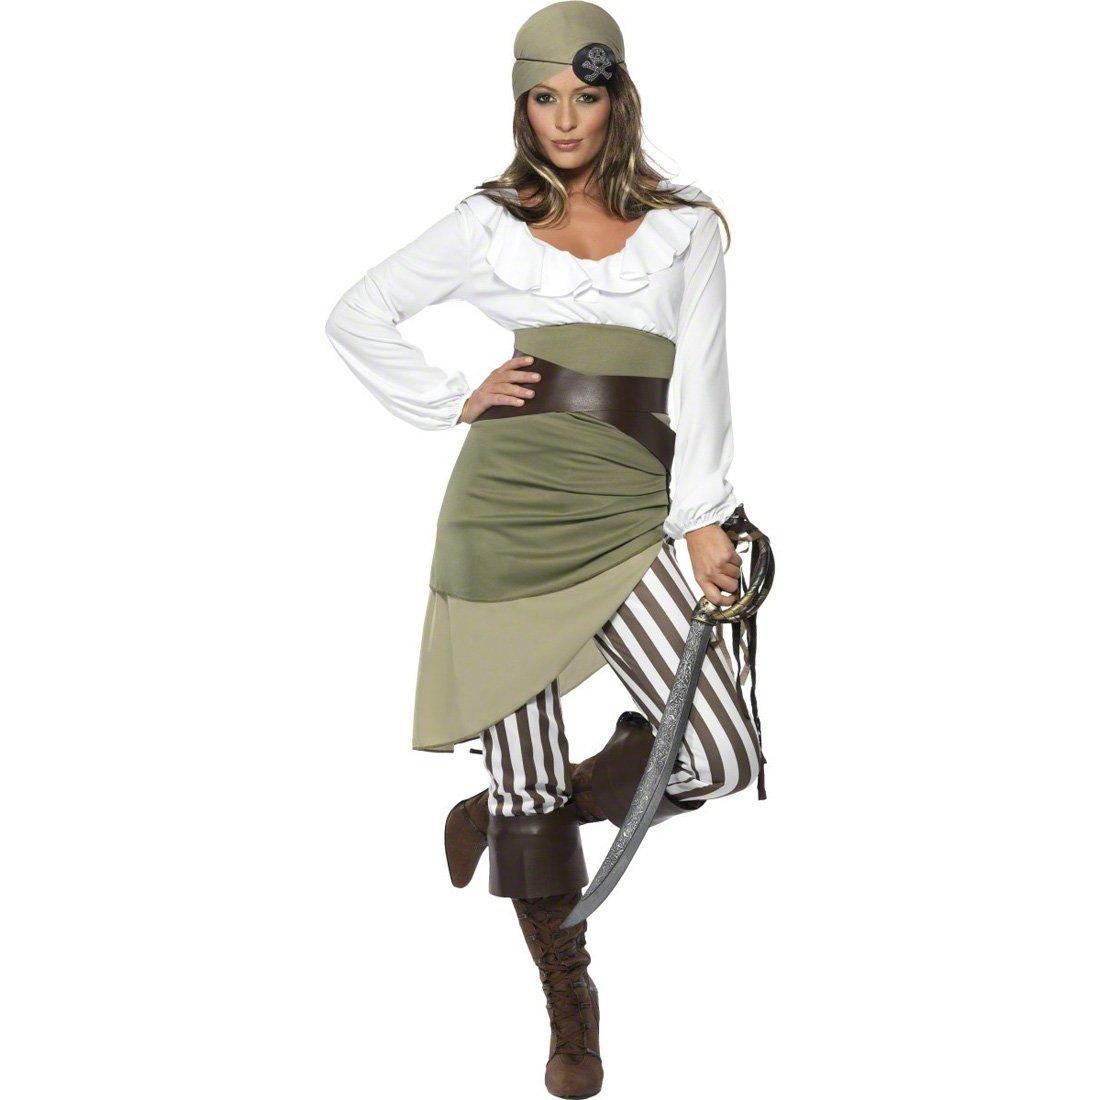 Damen Piraten Kostüm M 40/42 Piratinnenkostüm Piratinkostüm Freibeuterin Seeräuberin